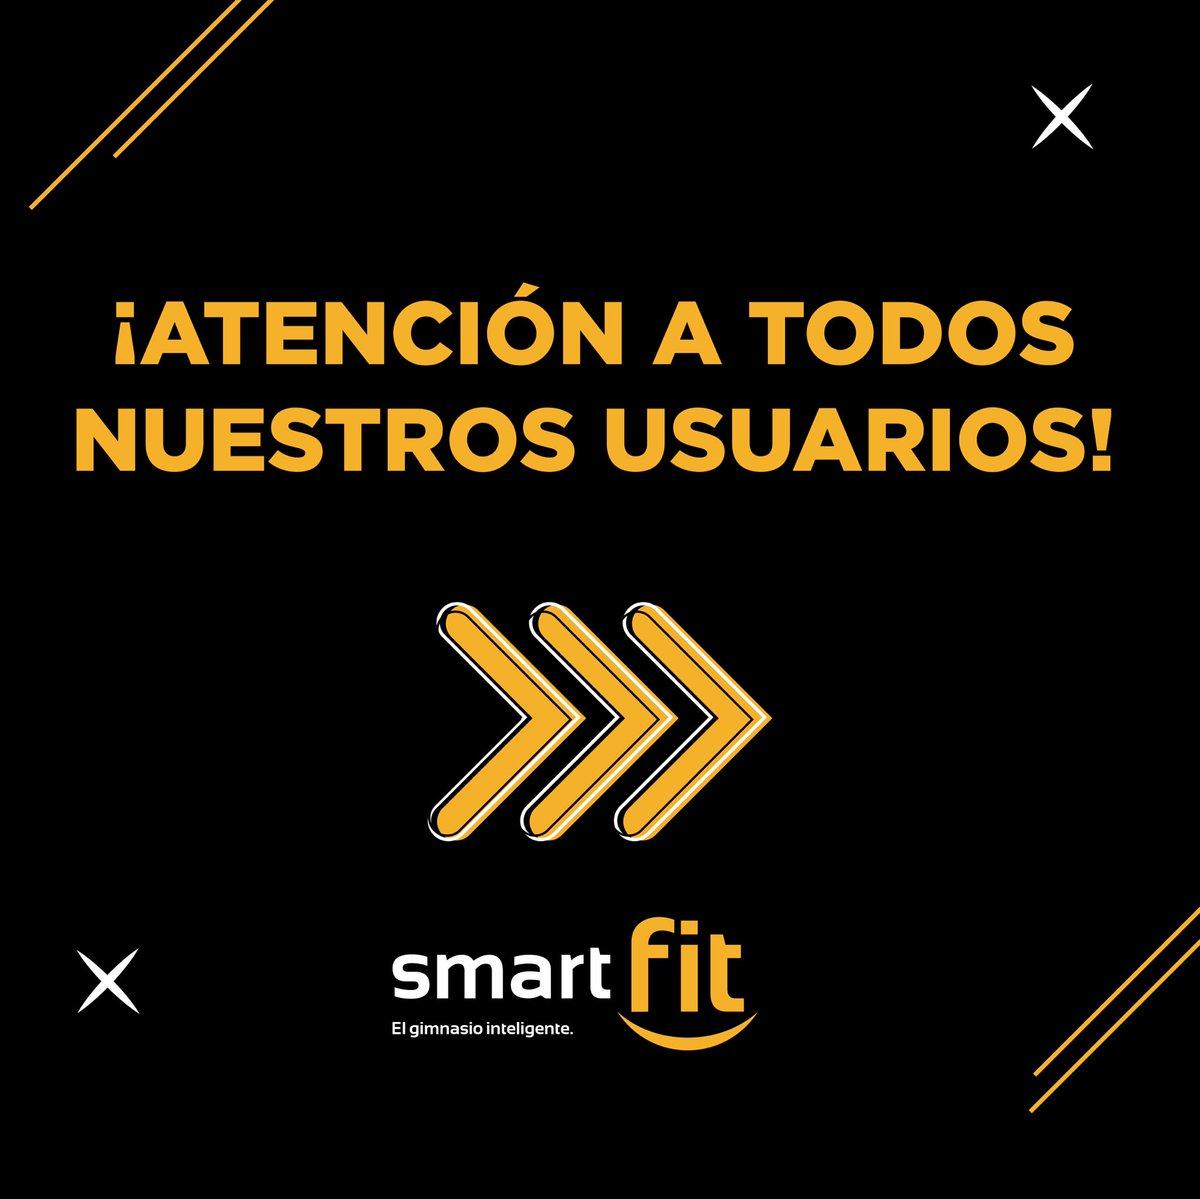 Aviso Importante: Preocupados por la salud de nuestros usuarios y colaboradores hemos decidido cerrar nuestras unidades a partir de hoy, 18 de marzo del 2020 a las 14:00 pm por tiempo indefinido.